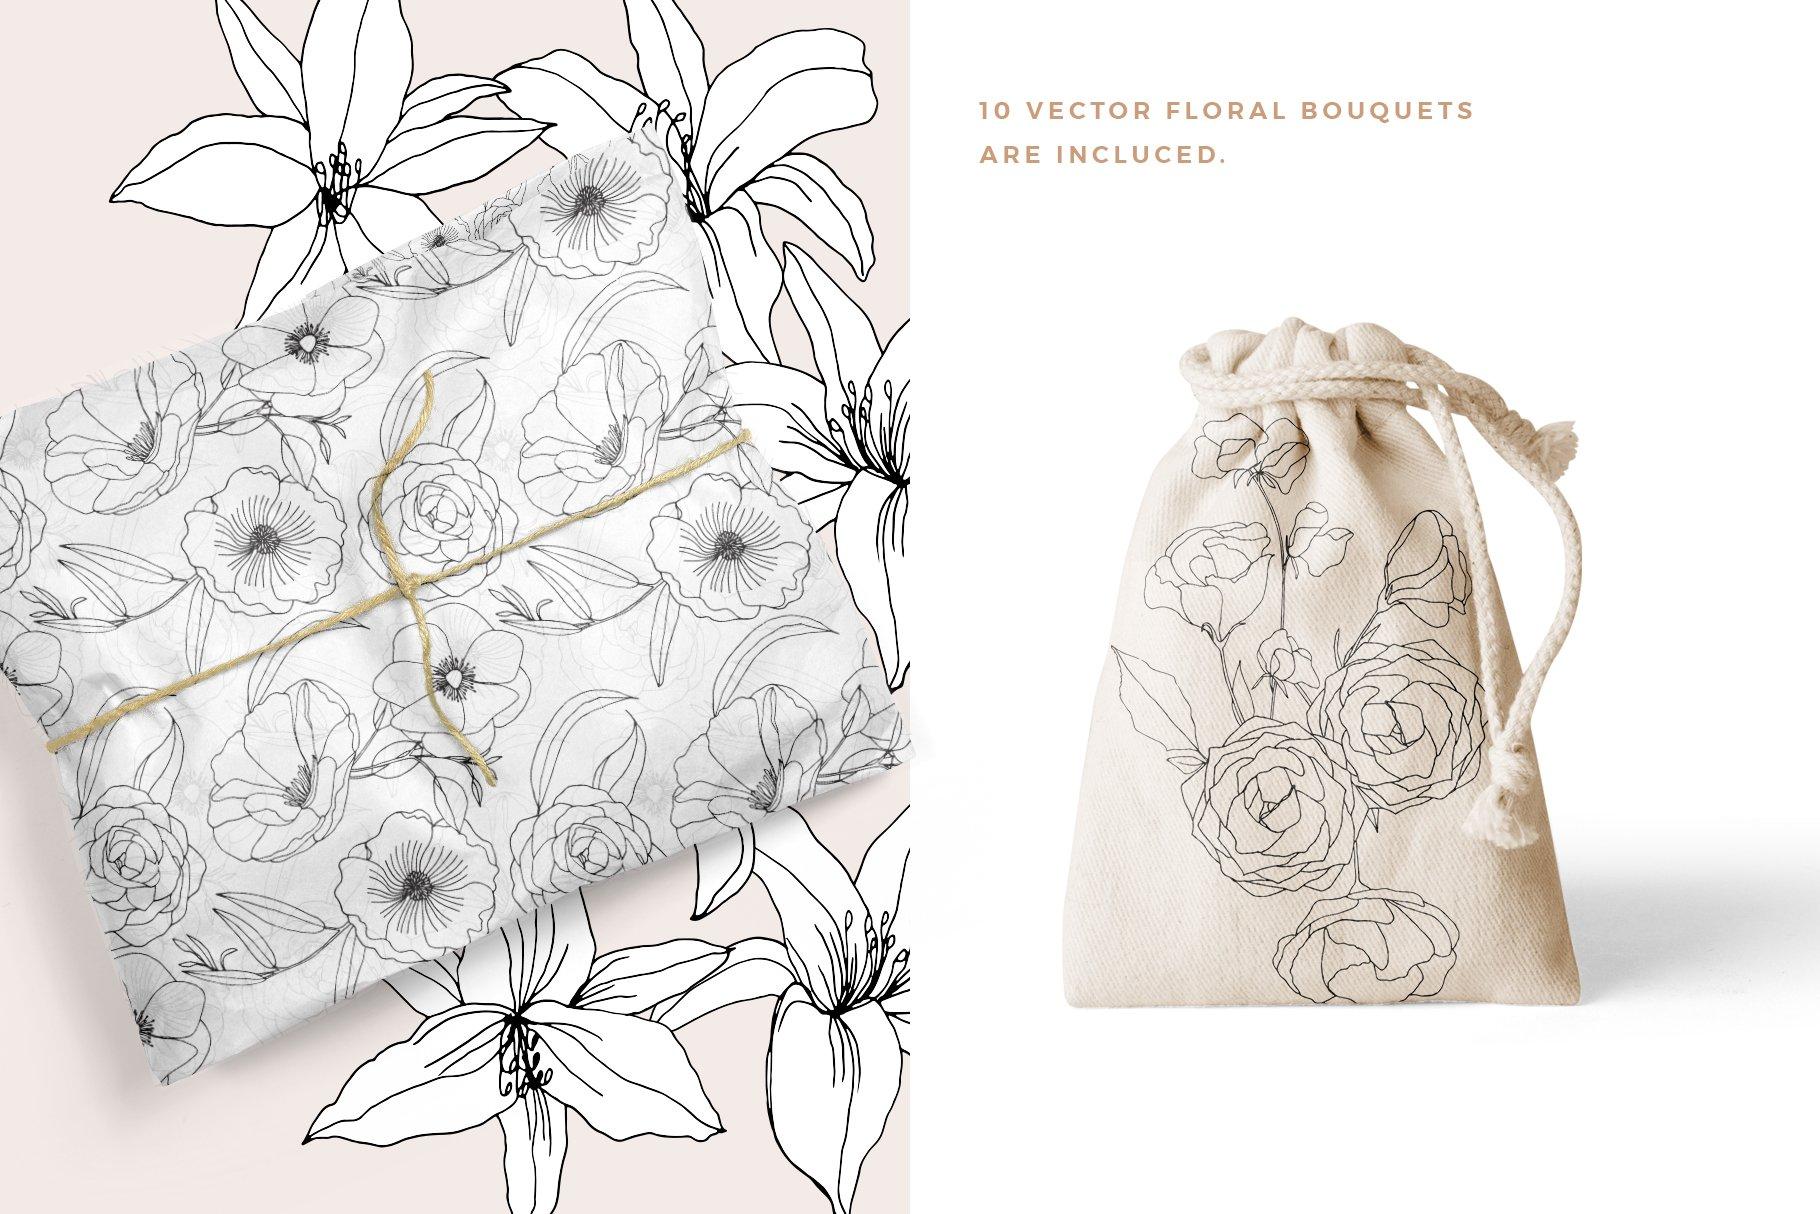 精美手绘花卉花朵无缝隙矢量线稿图案素材 Floral Blast Patterns And Bouquets插图(3)